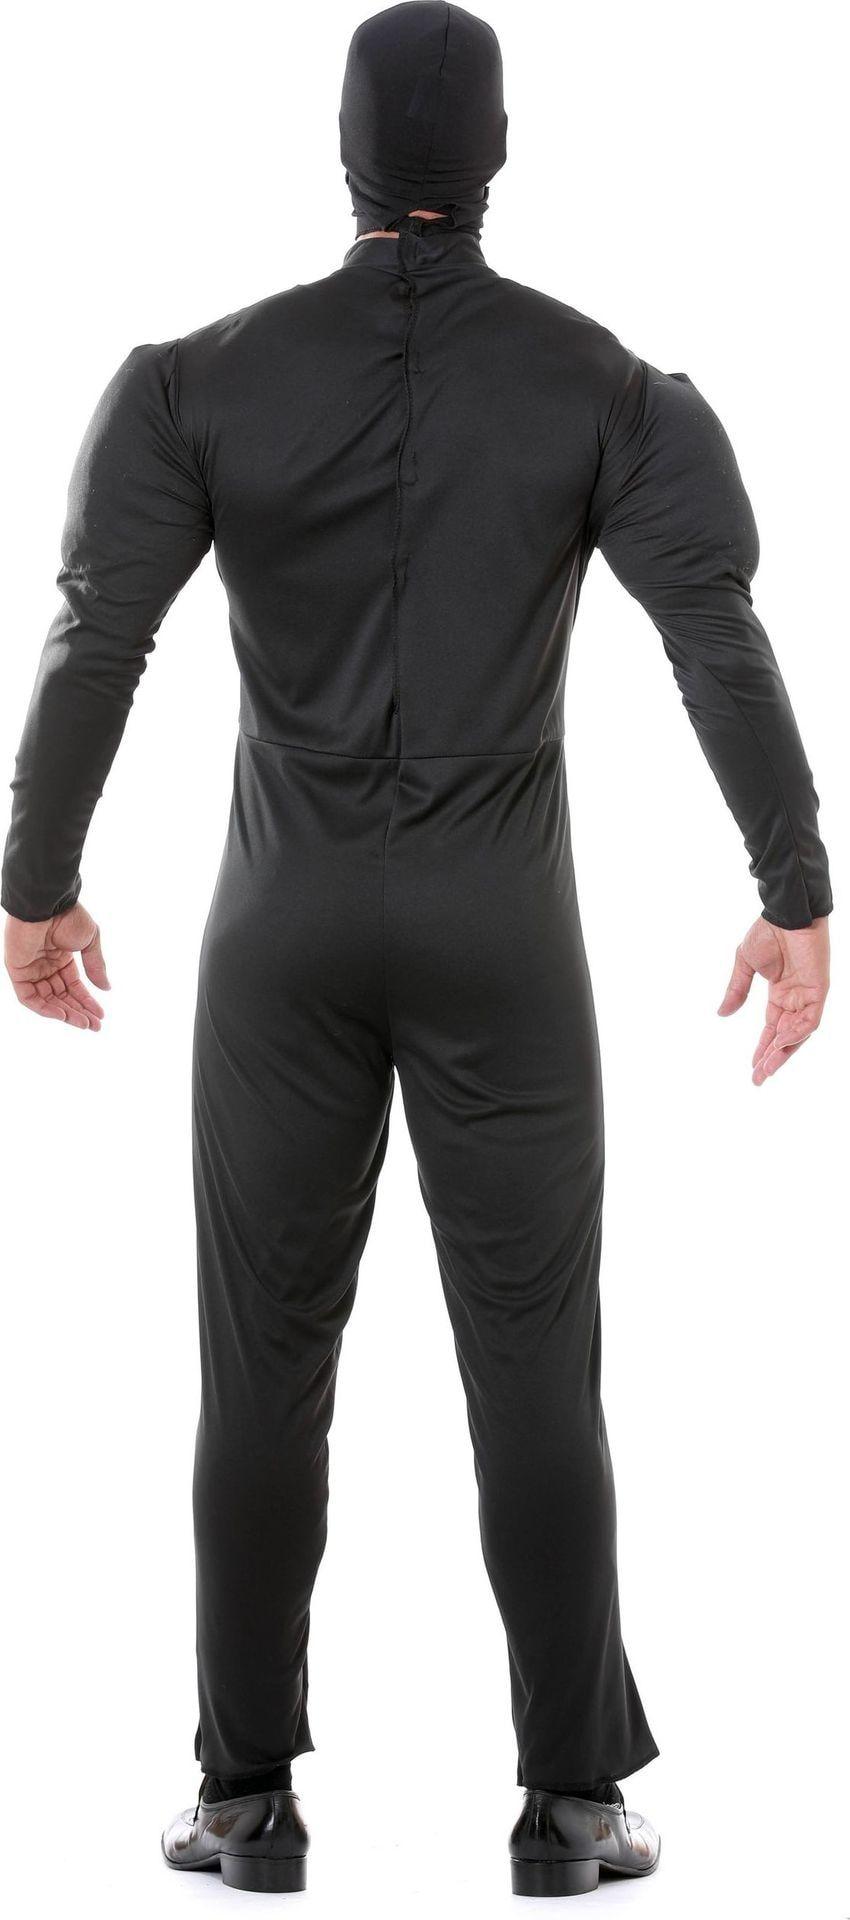 Venom spiderman kostuum